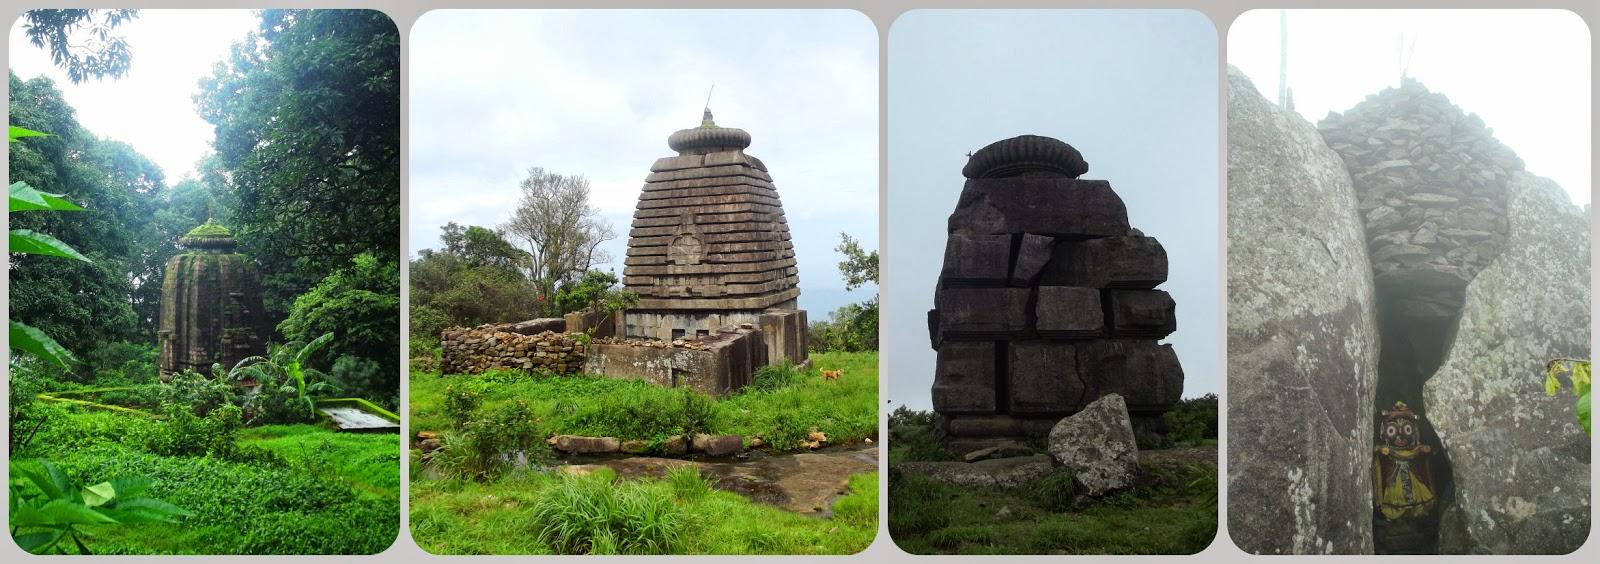 Temples of Mahendragiri